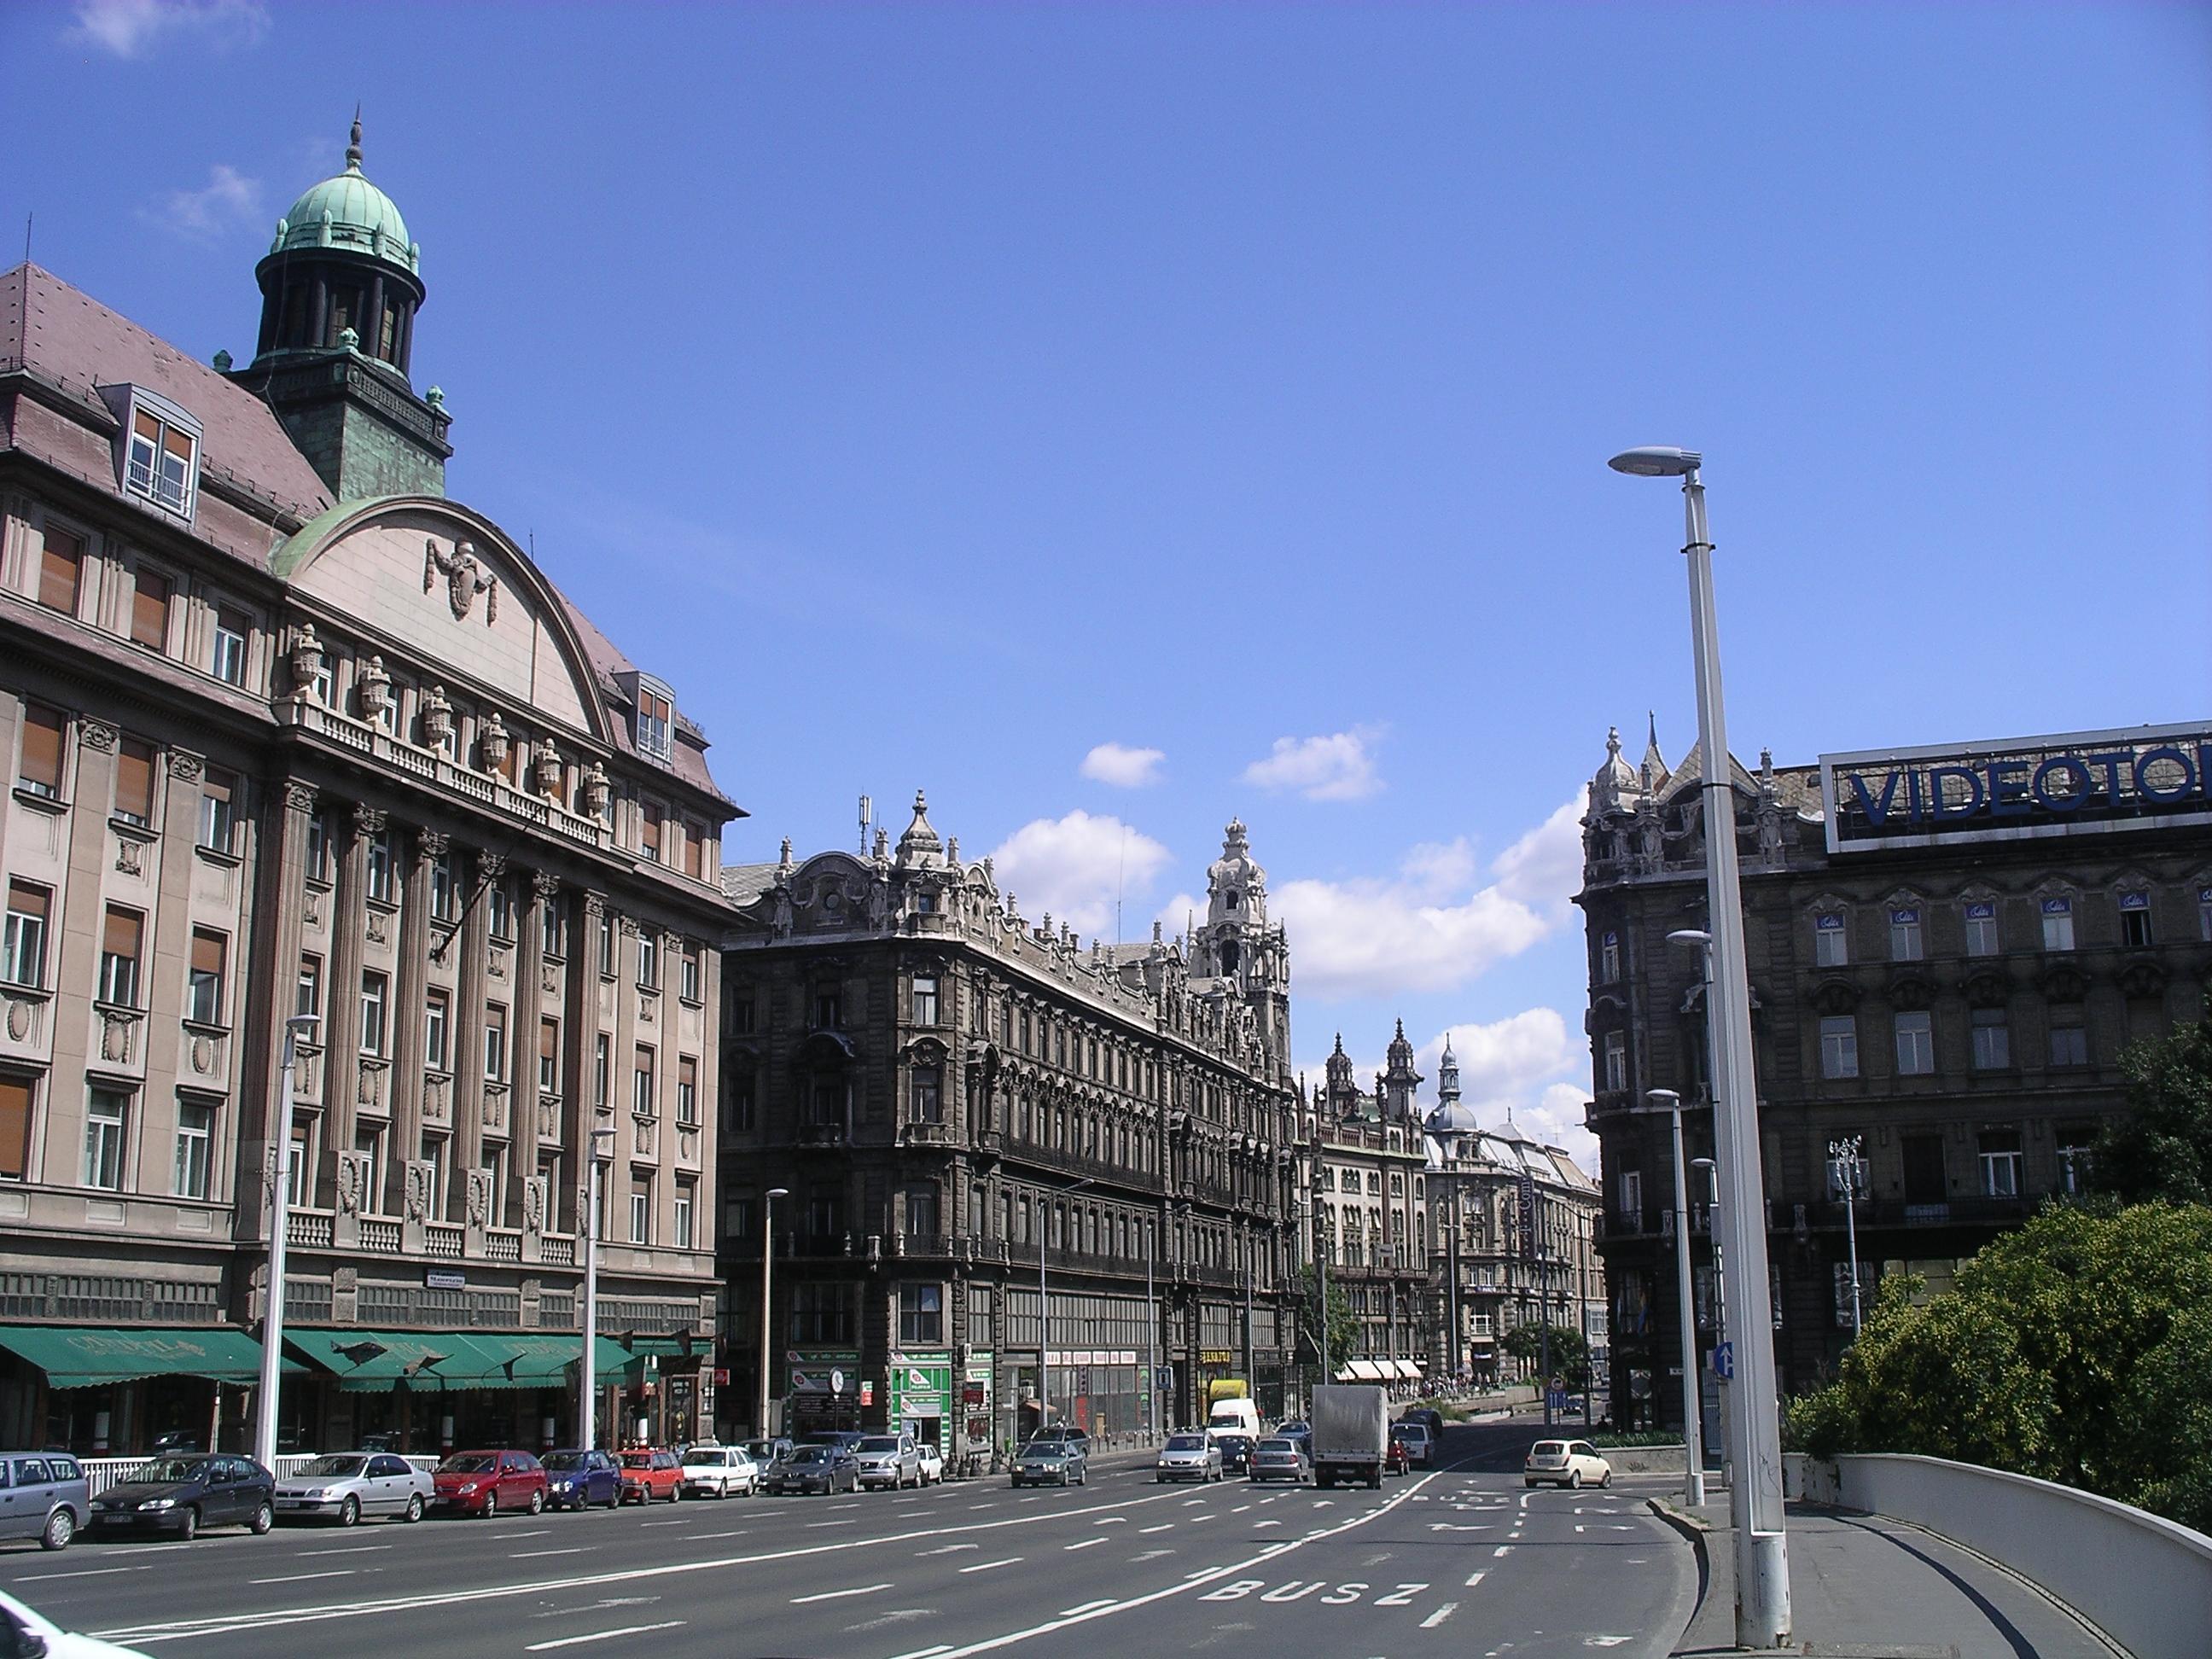 Investimenti immobiliari intelligenti e redditizi: perchè investire a Budapest